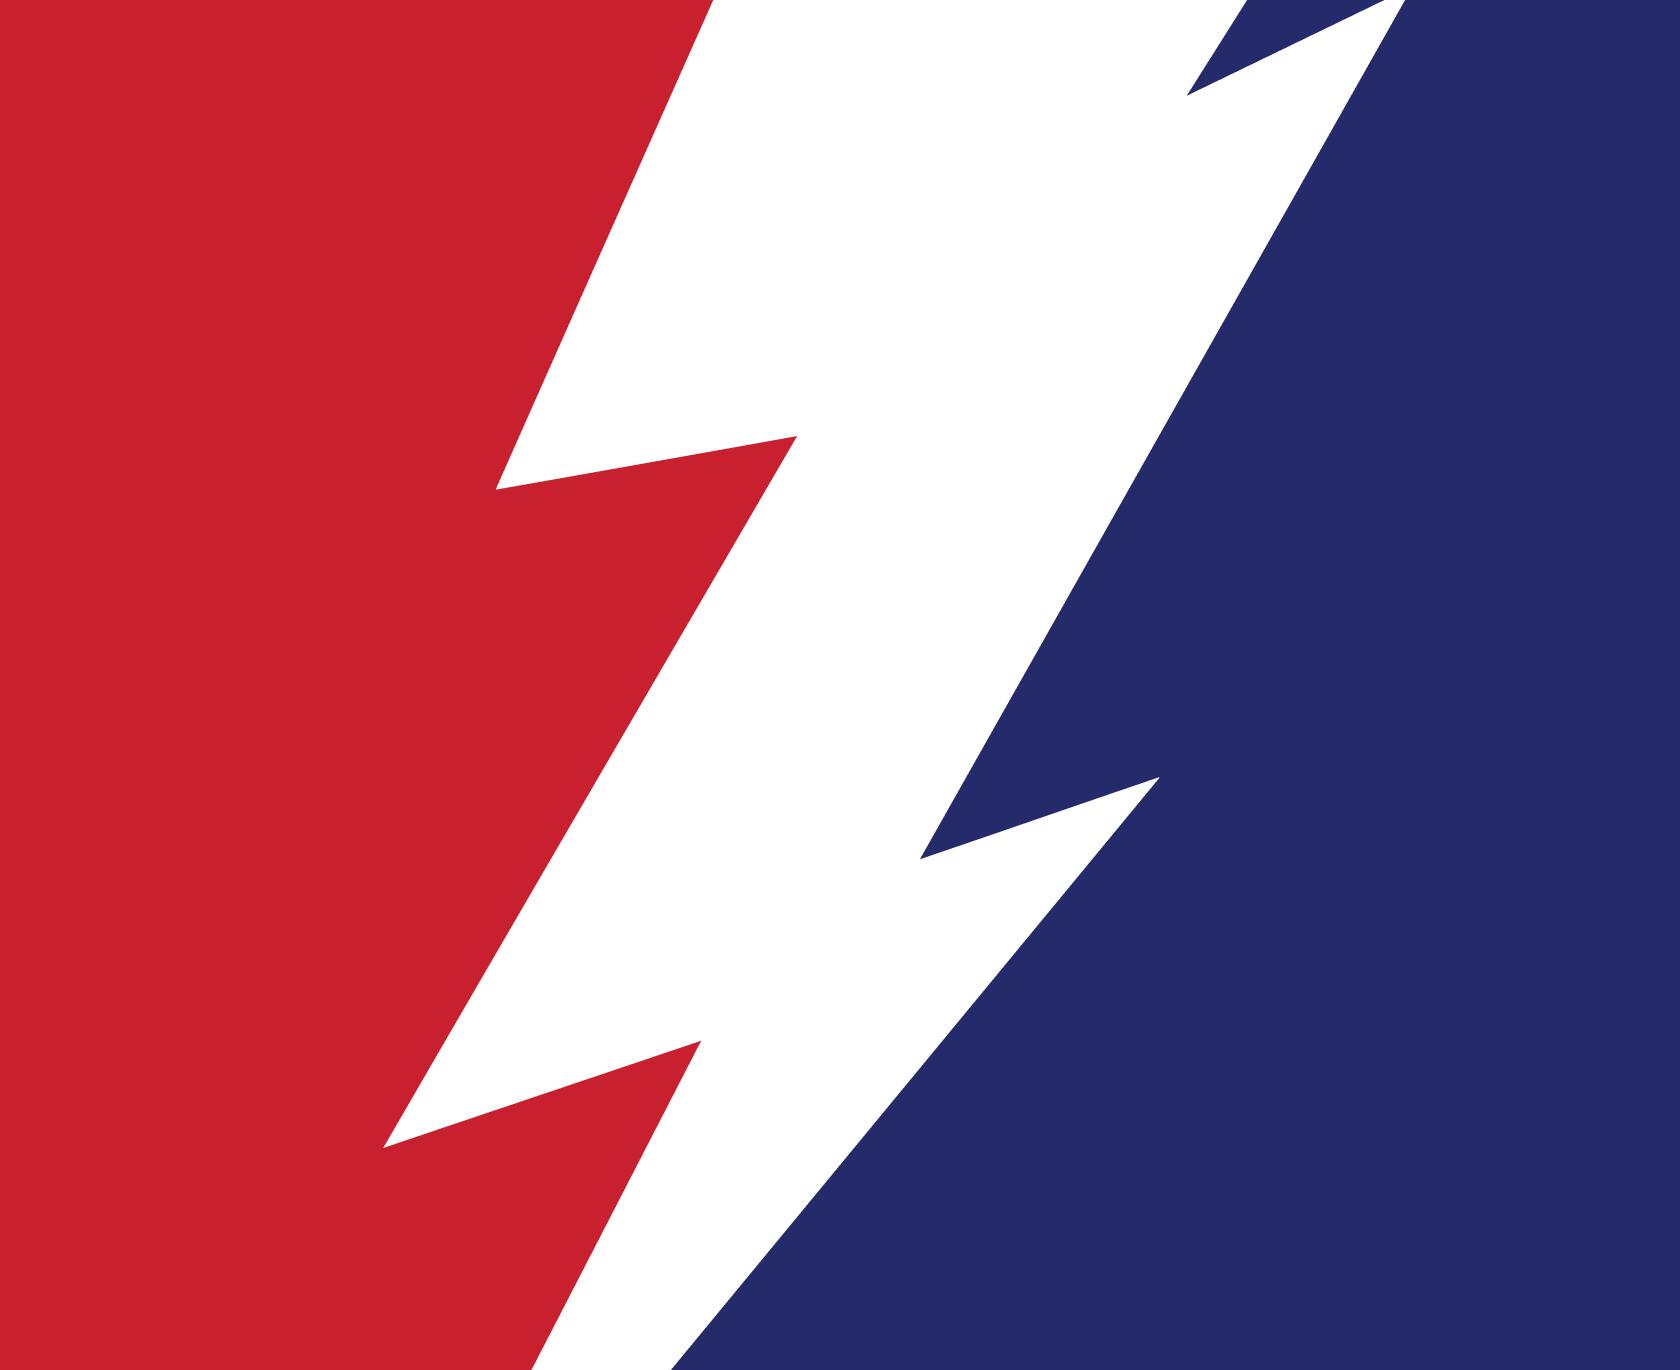 AAE Logo Background